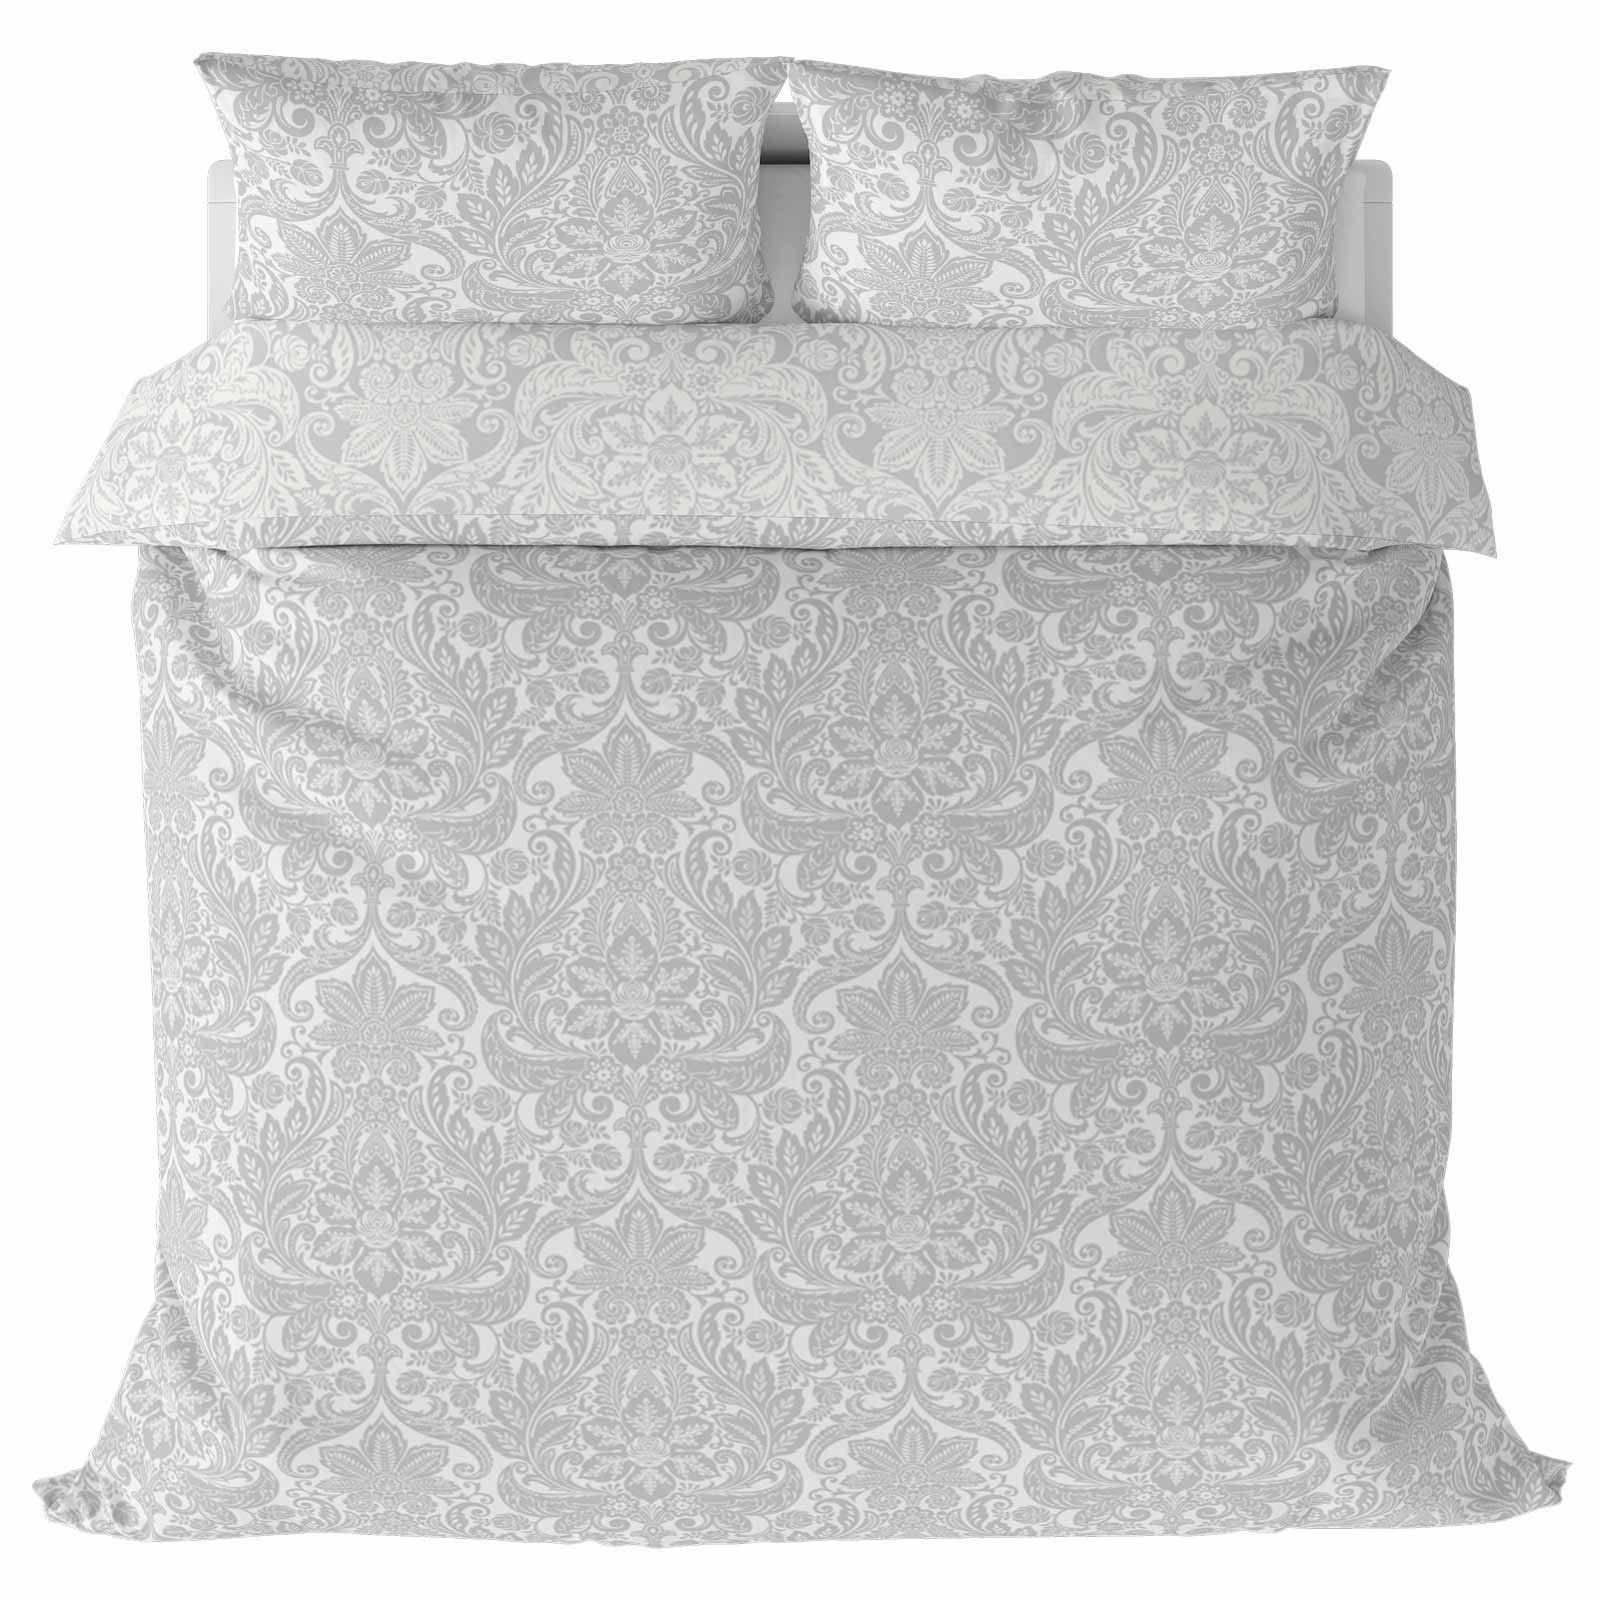 Grigio-Argento-Copripiumino-Stampato-Jacquard-Quilt-Set-Set-di-biancheria-da-letto-copre miniatura 46